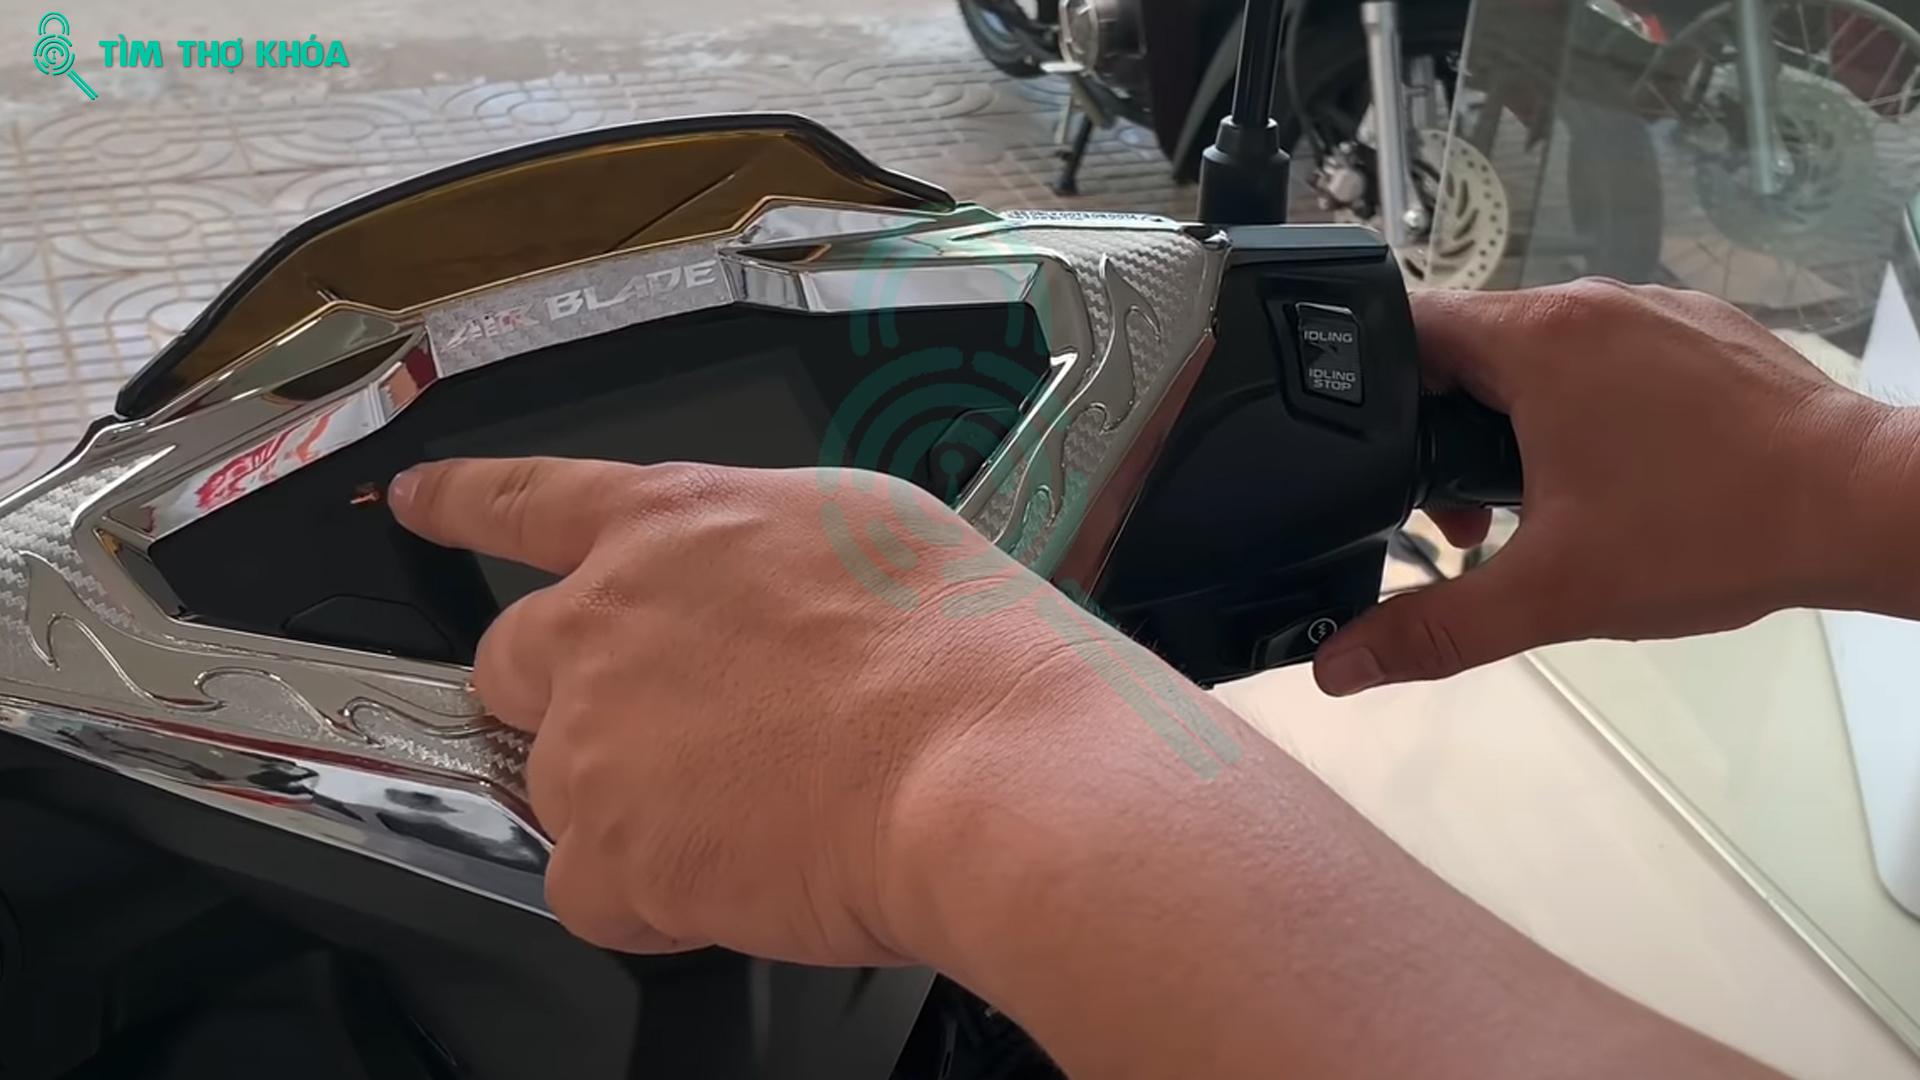 Các khởi động xe máy sử dụng ID Smartkey khi mất remote điều khiển